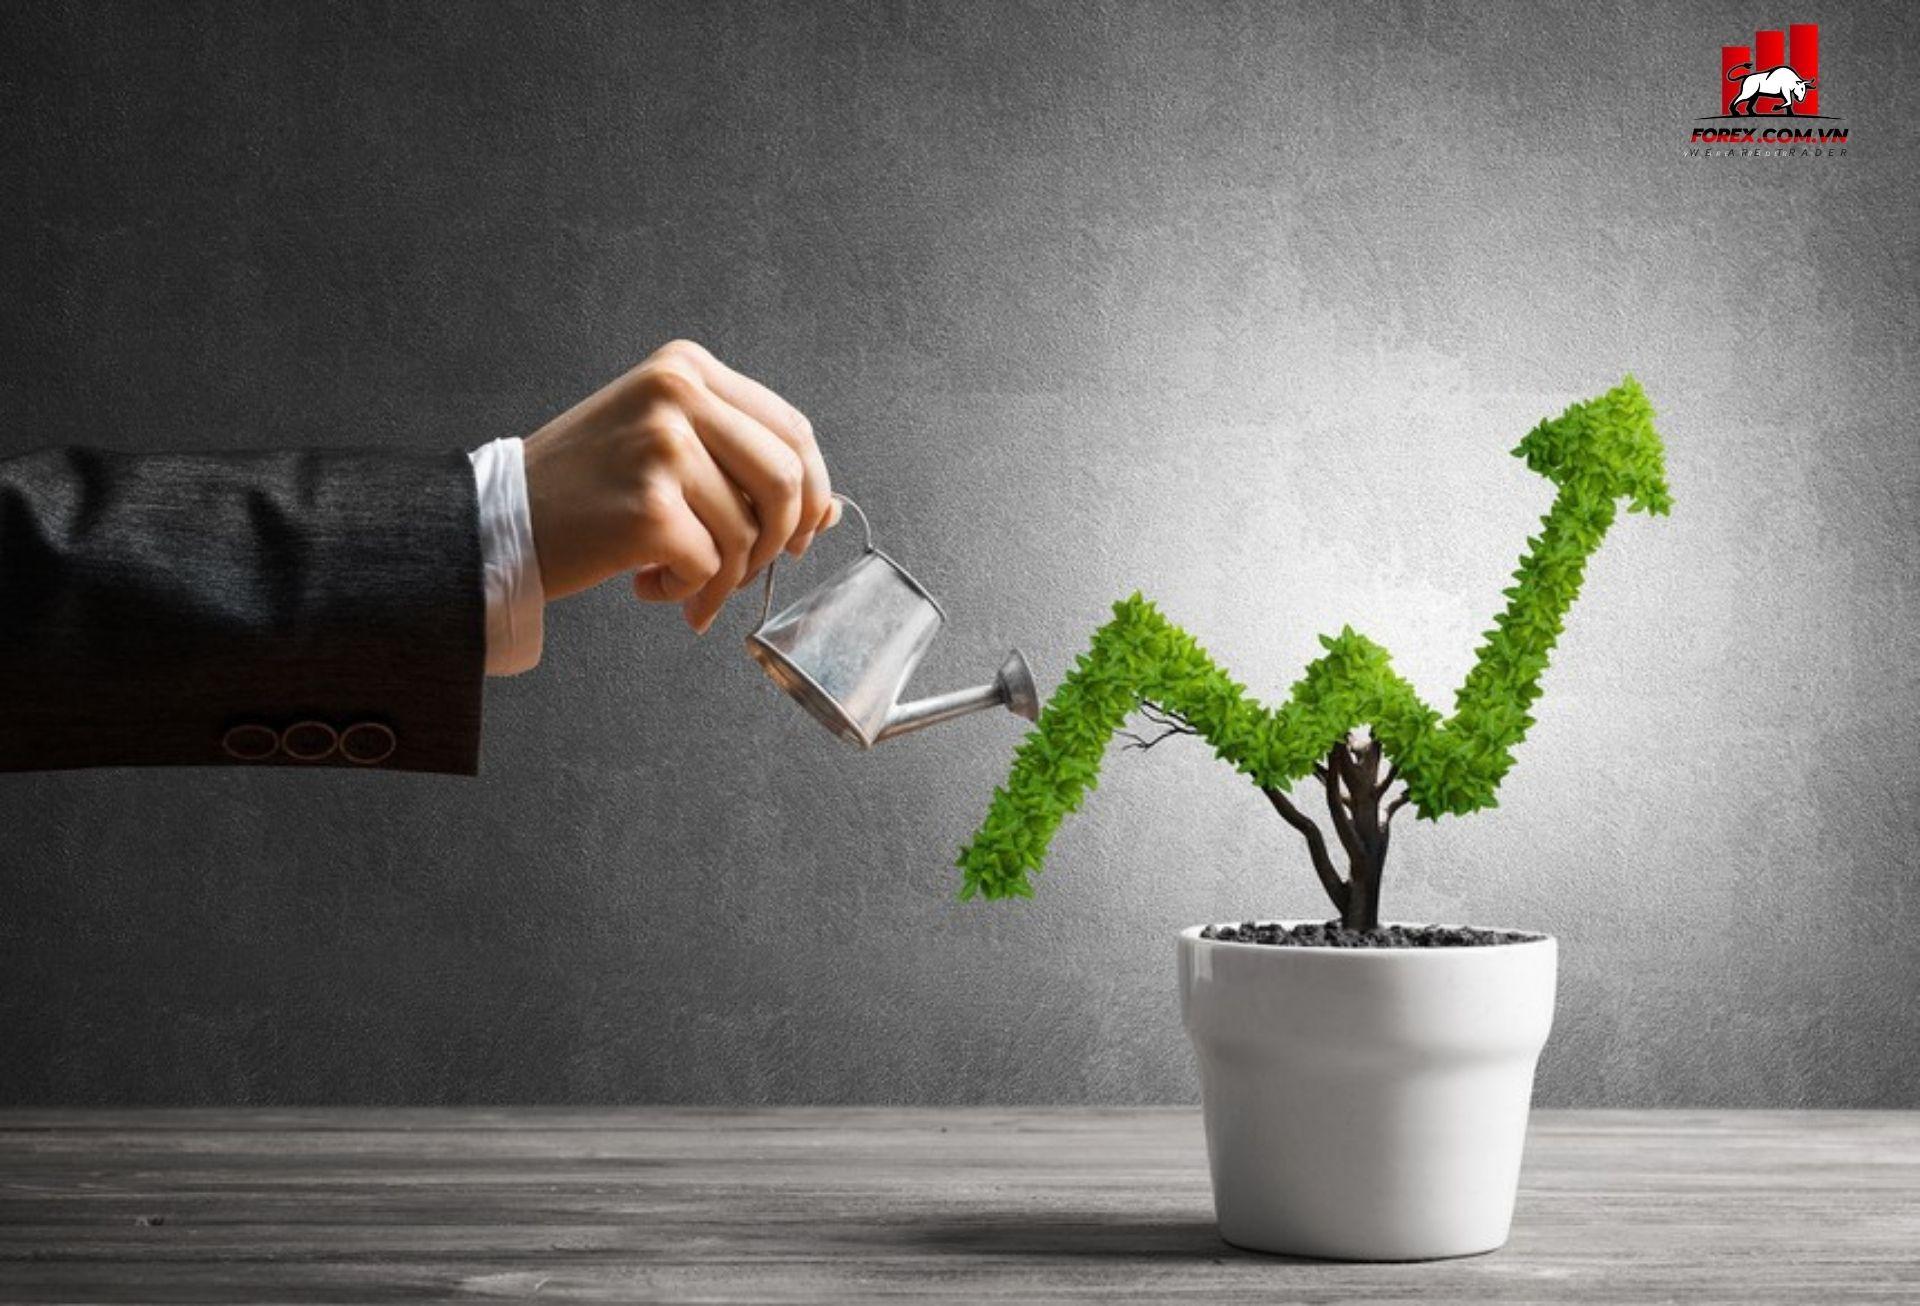 sàn giao dịch liteforex thích hợp cho nhà đầu tư mới